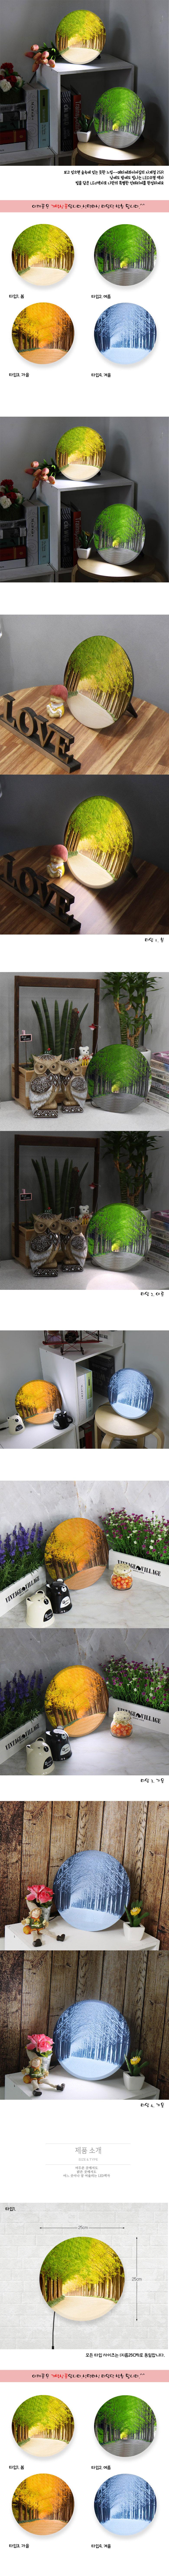 LED액자25R_메타세콰이어길의사계절 - 꾸밈, 38,400원, 포인트조명, 터치조명